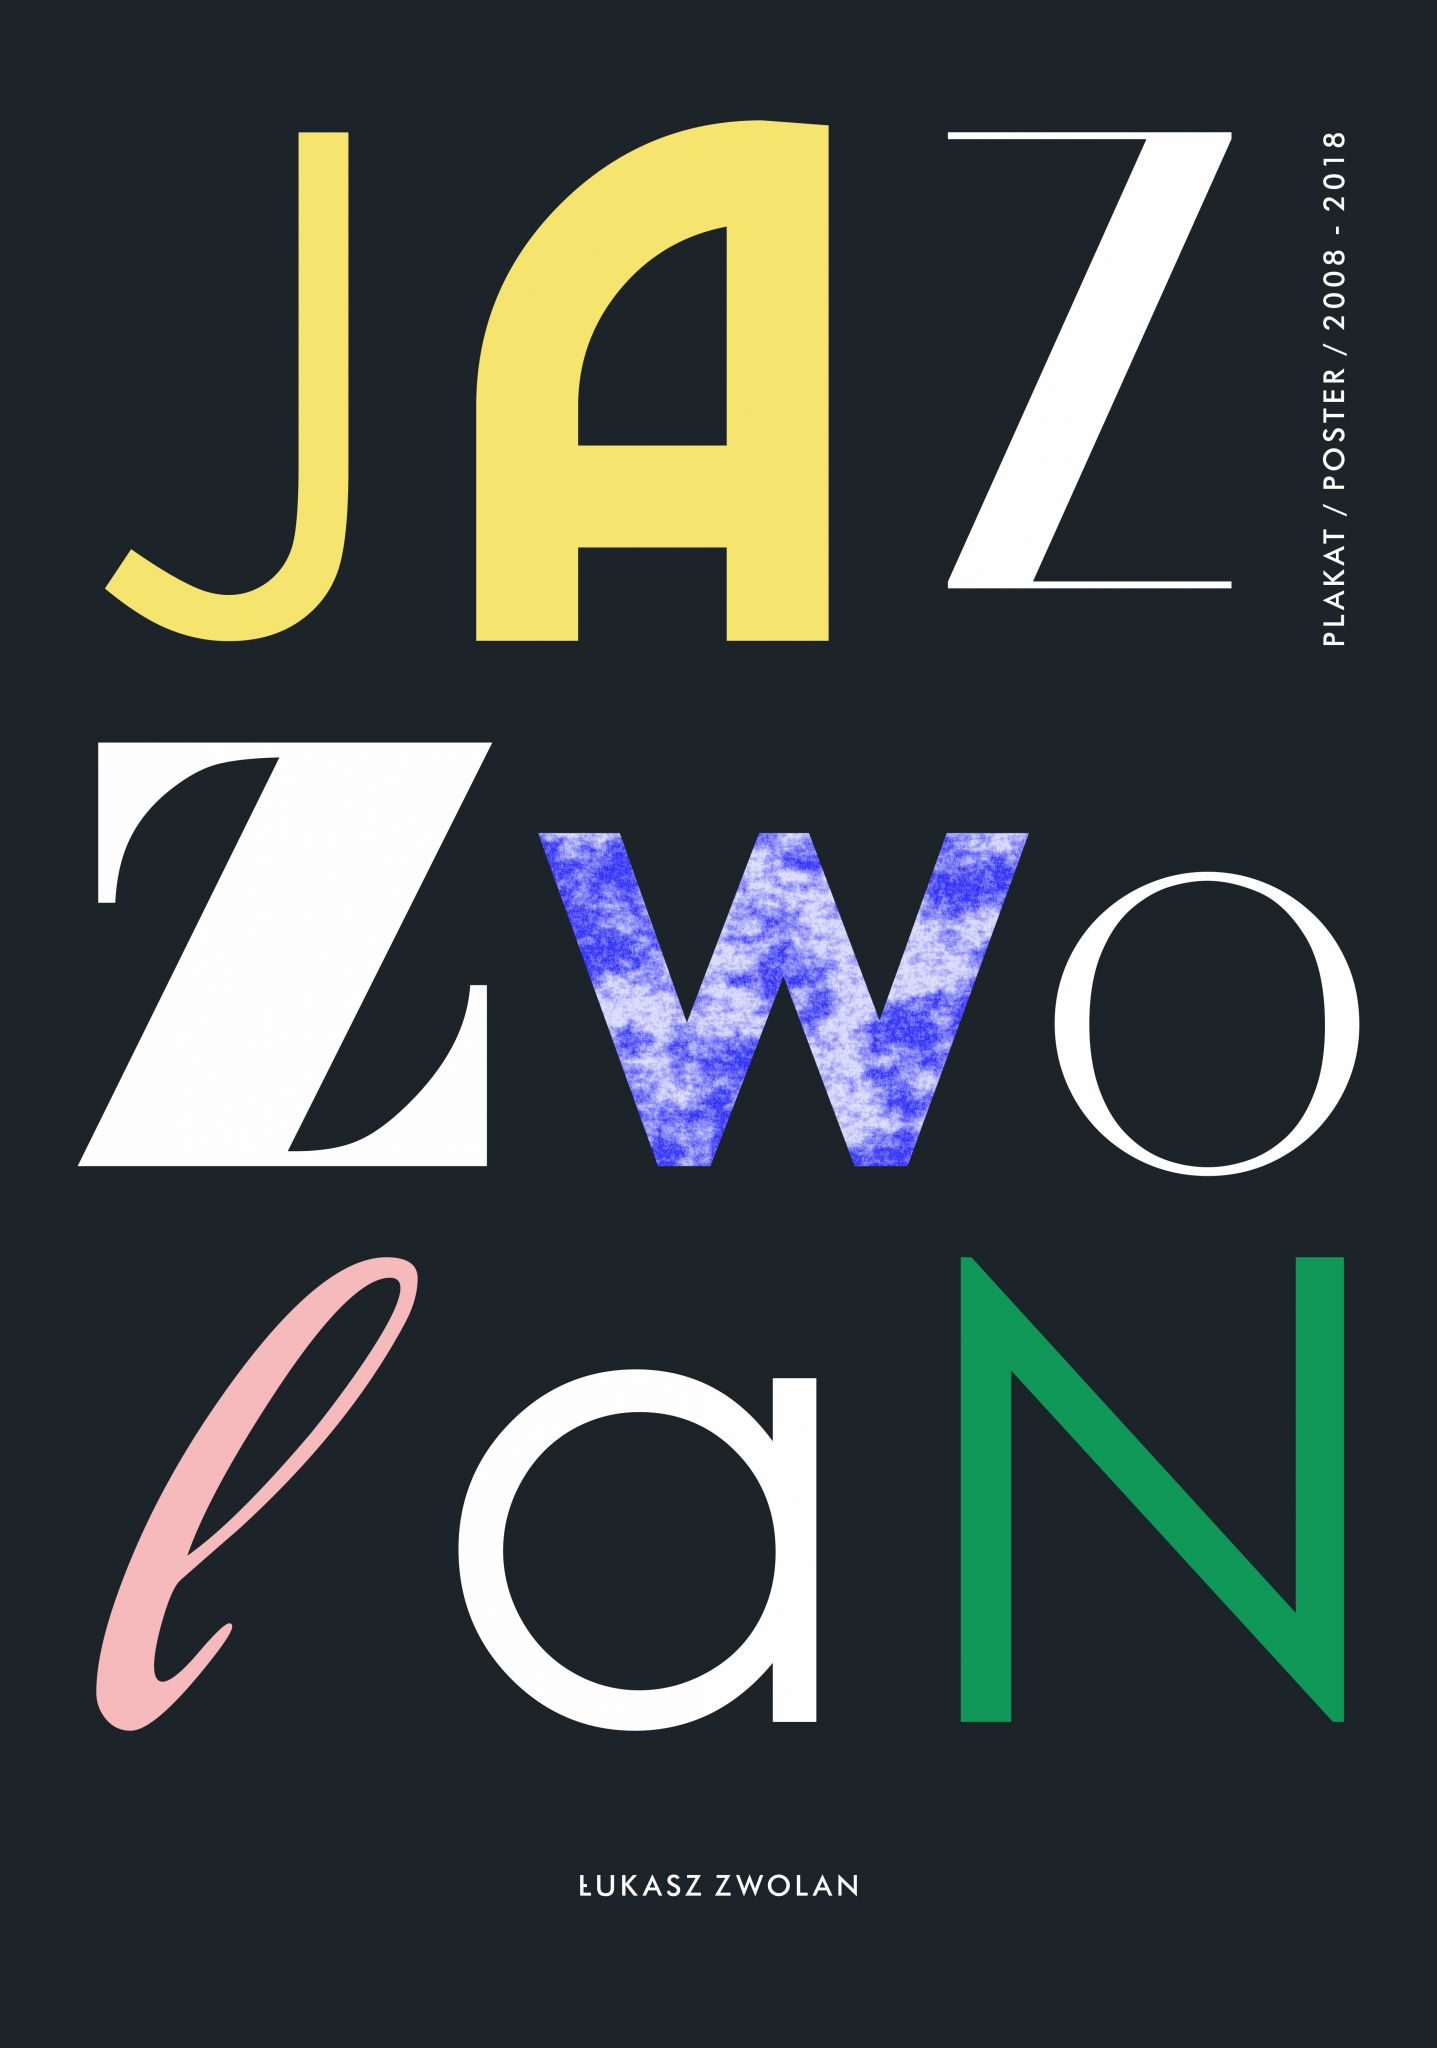 plakat Jazznowidz – czyli Łukasz Zwolan